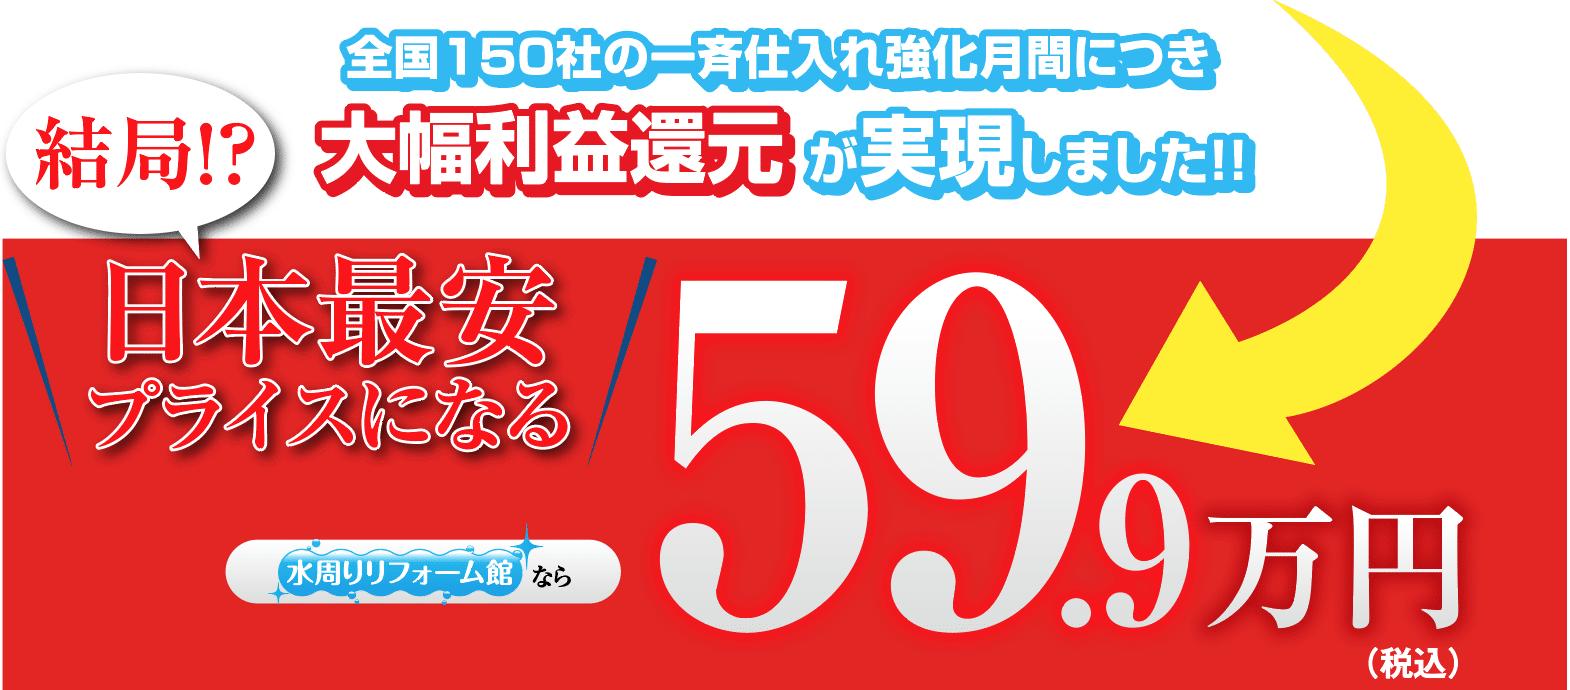 全国150社の一斉仕入れ強化月間につき、大幅利益還元が実現しました!水周りリフォーム館なら、TOCLASキッチンBbが59.9万円~。結局日本最安プライスになる!